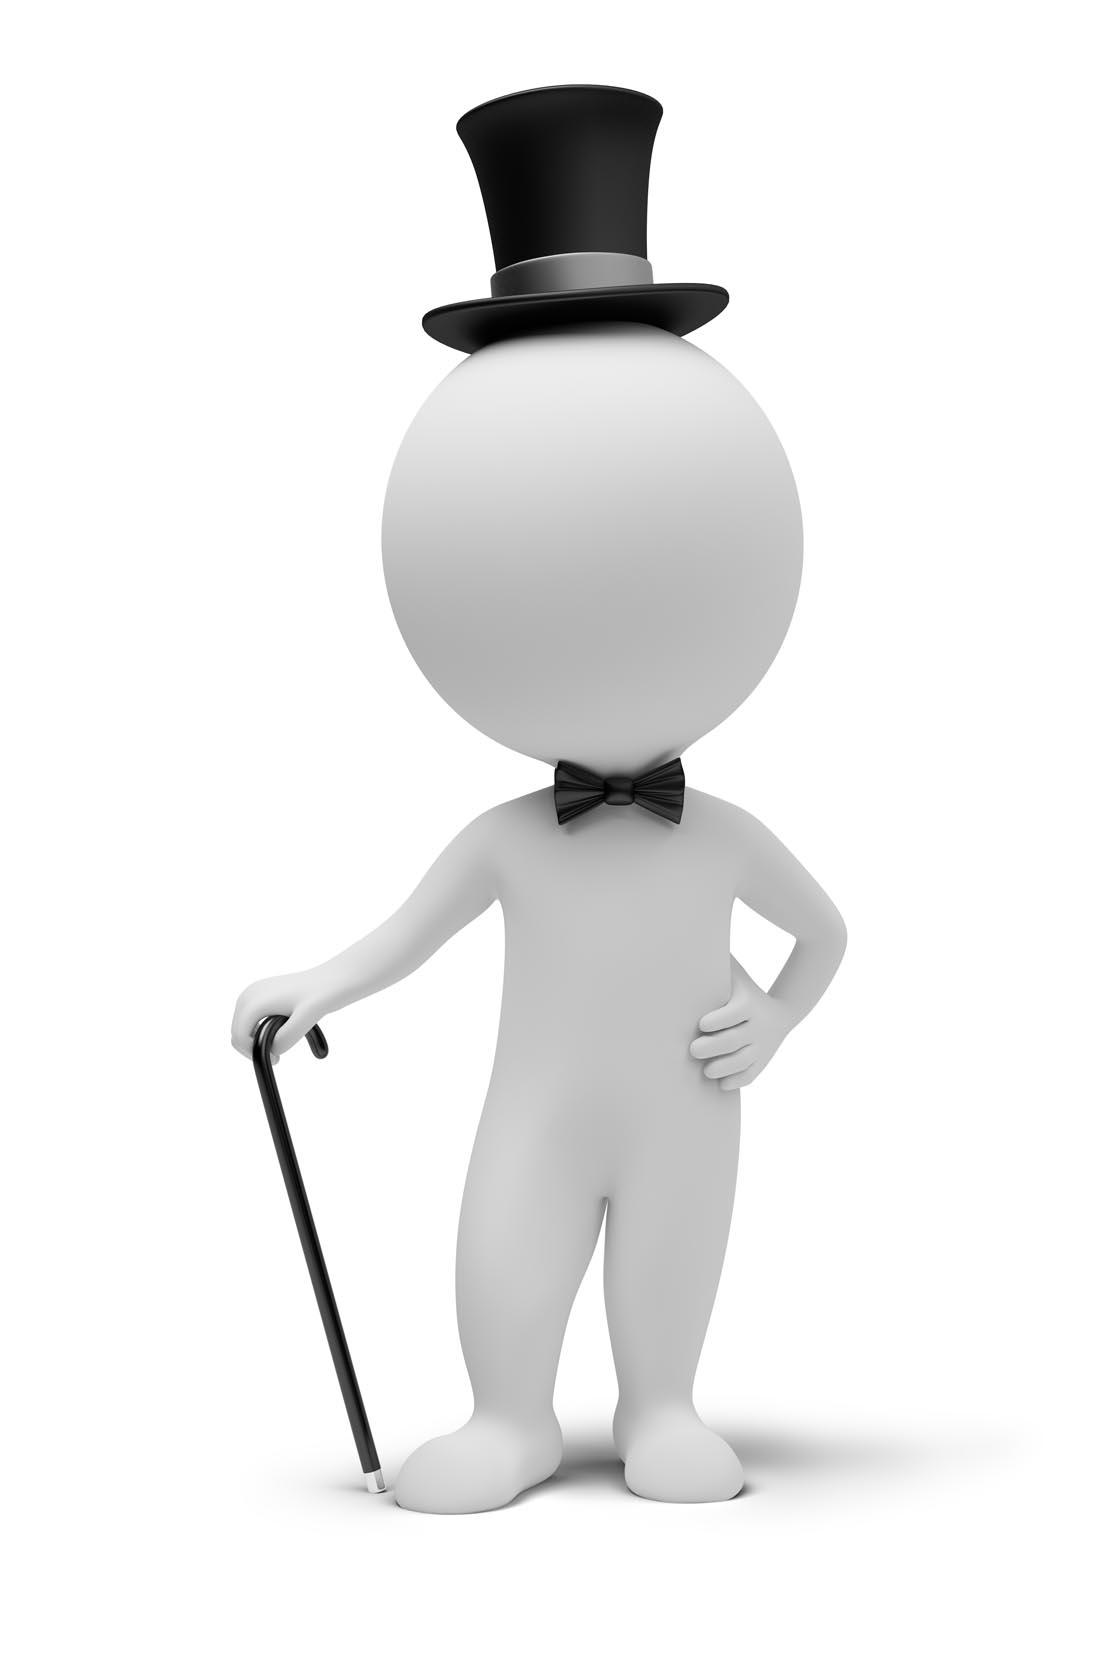 > 创意3d小人设计魔术师ppt背景图片  上一页:创意3d小人设计齿轮ppt